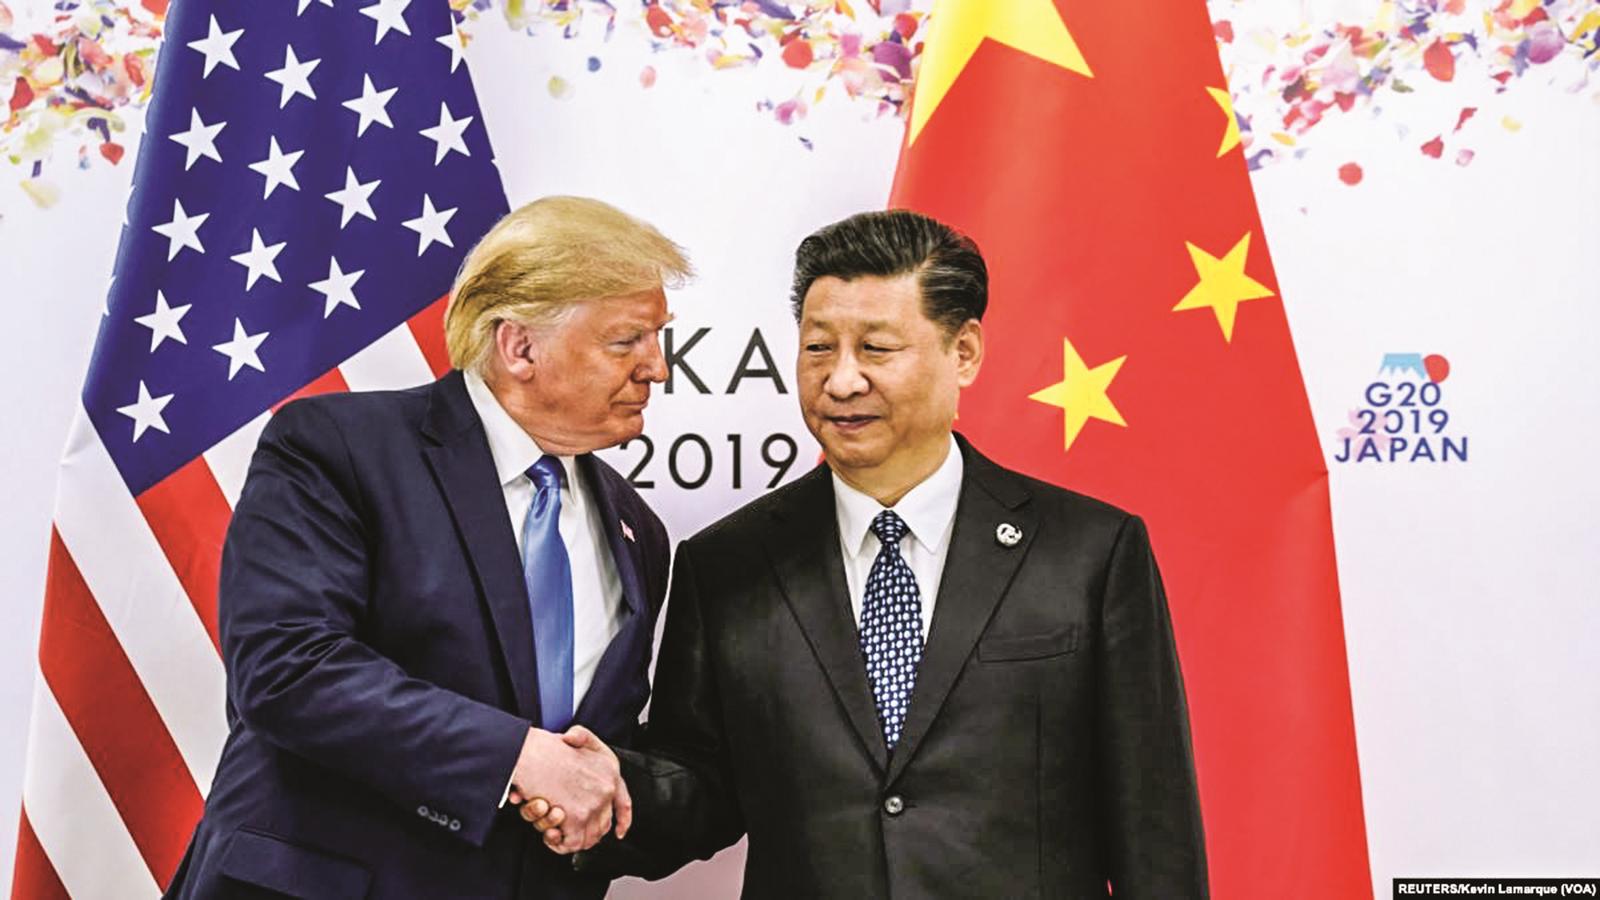 Thương chiến Mỹ - Trung: Chuyện chưa hồi kết